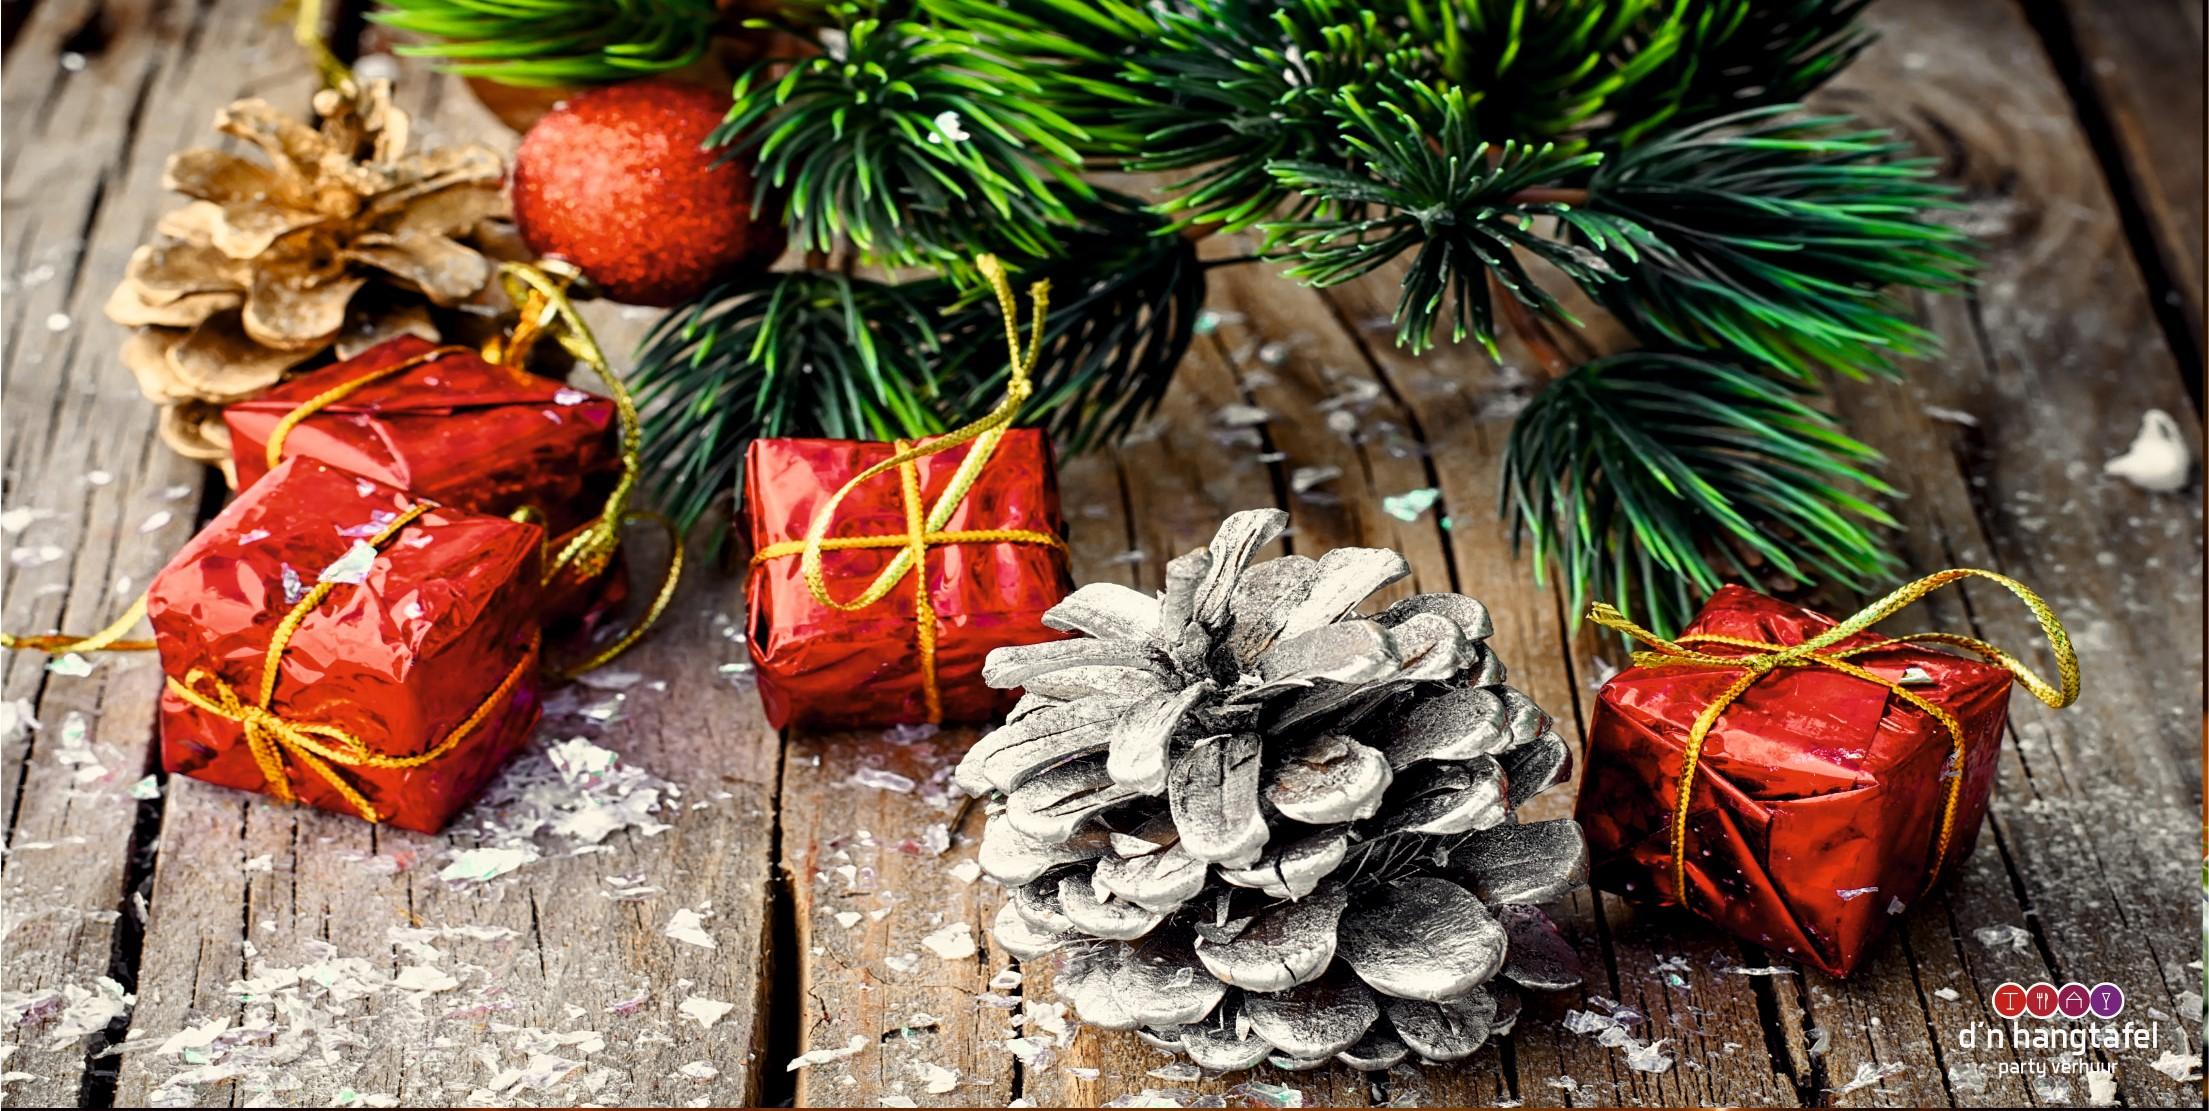 Bouwhek met kerst thema doek (dennenappel met pakjes)